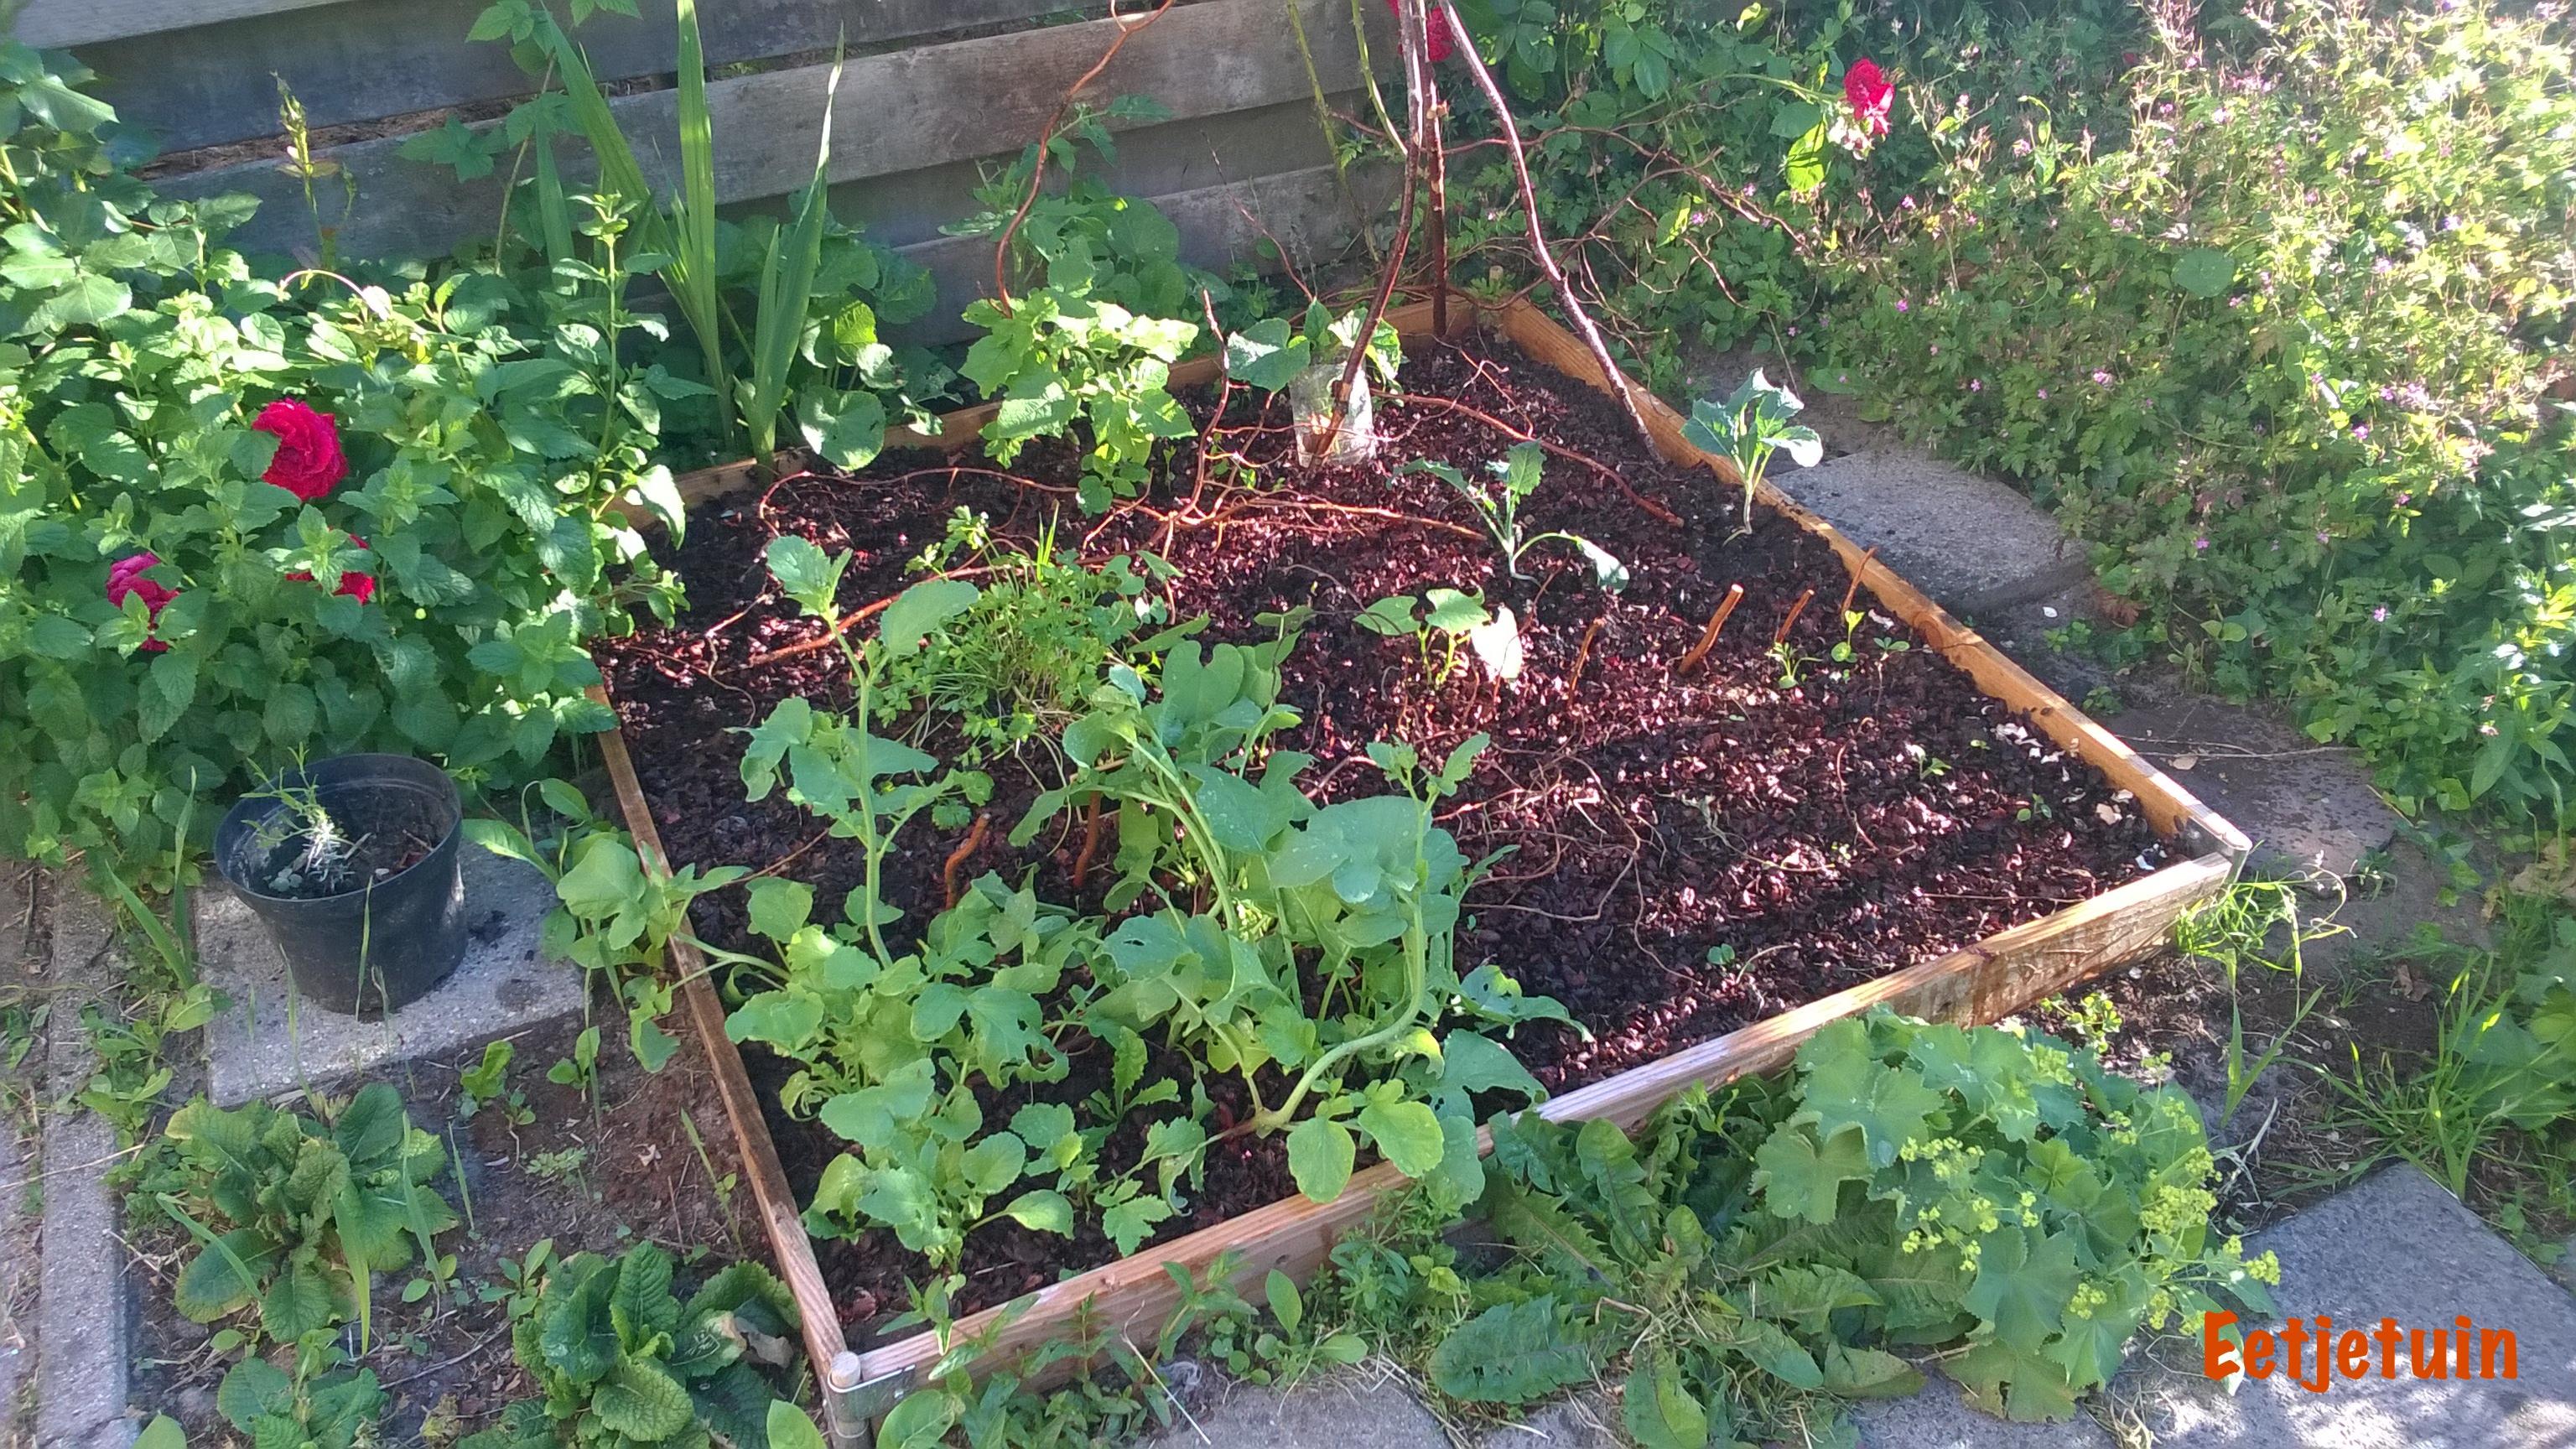 De m2 moestuin in juni eet je tuin for Tuinontwerp eetbare tuin